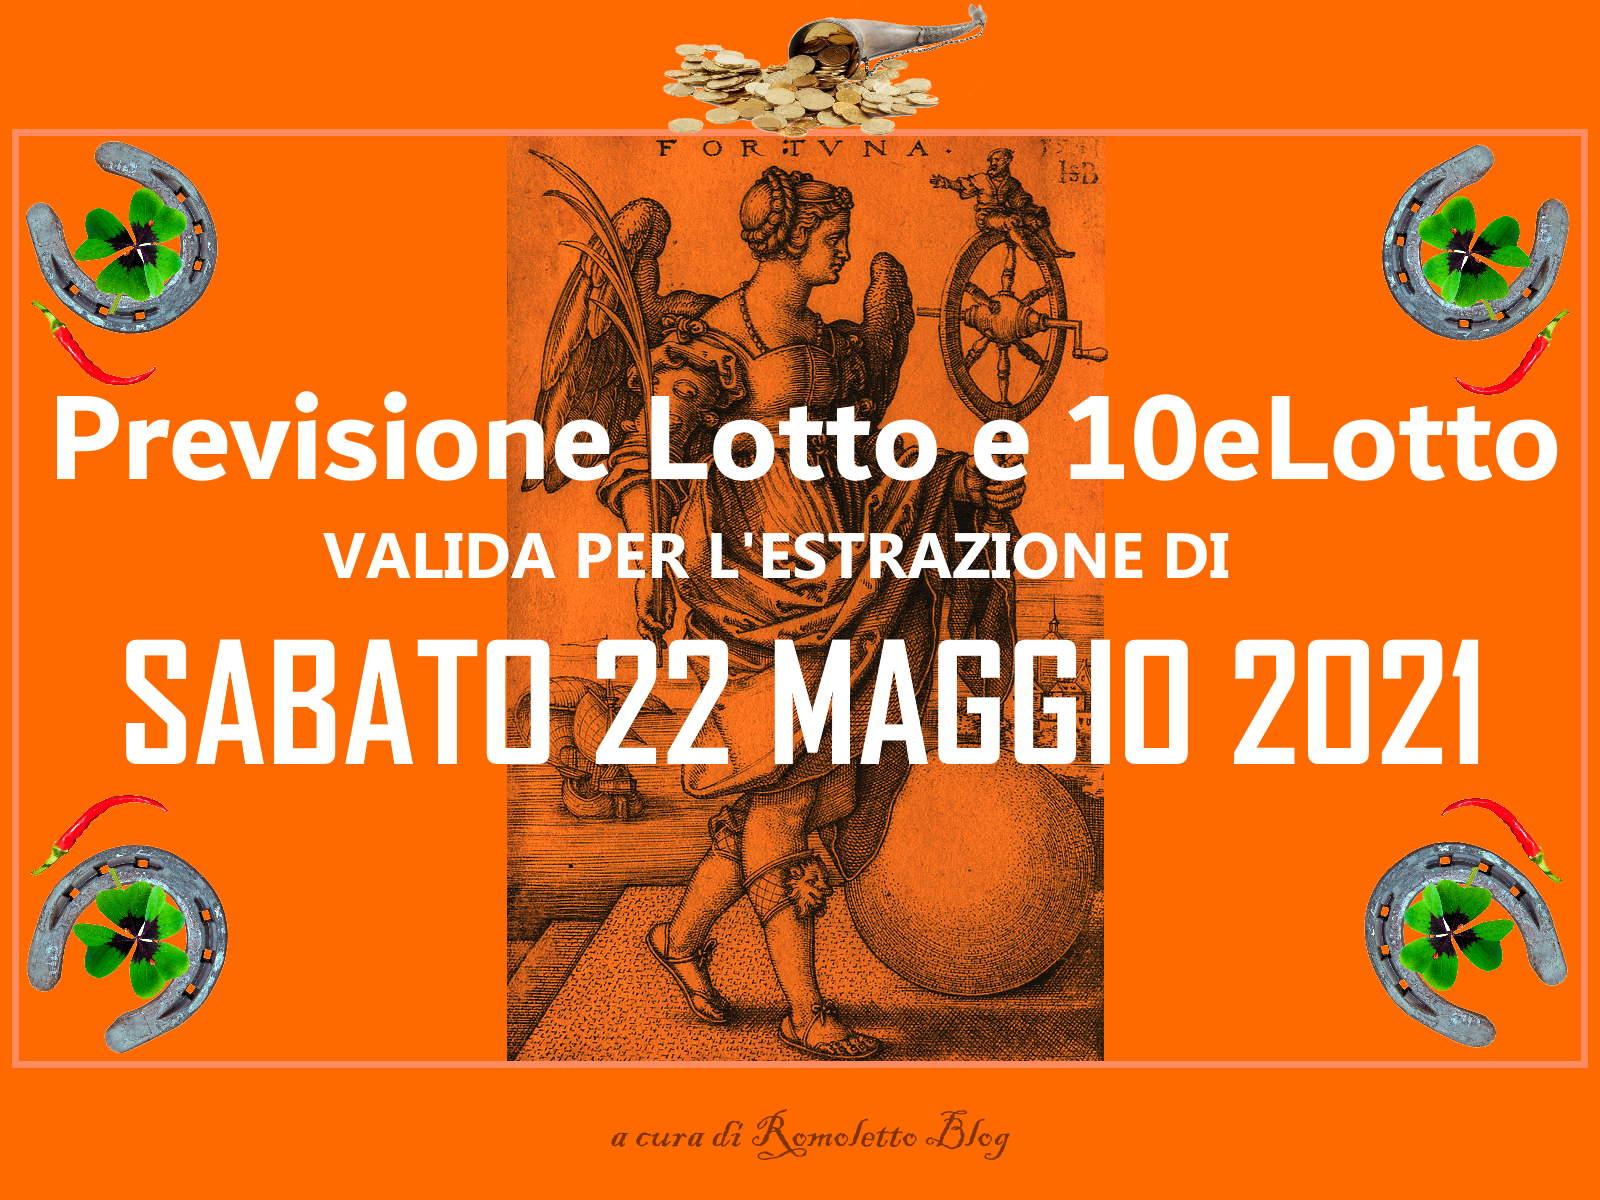 Previsione Lotto 22 Maggio 2021